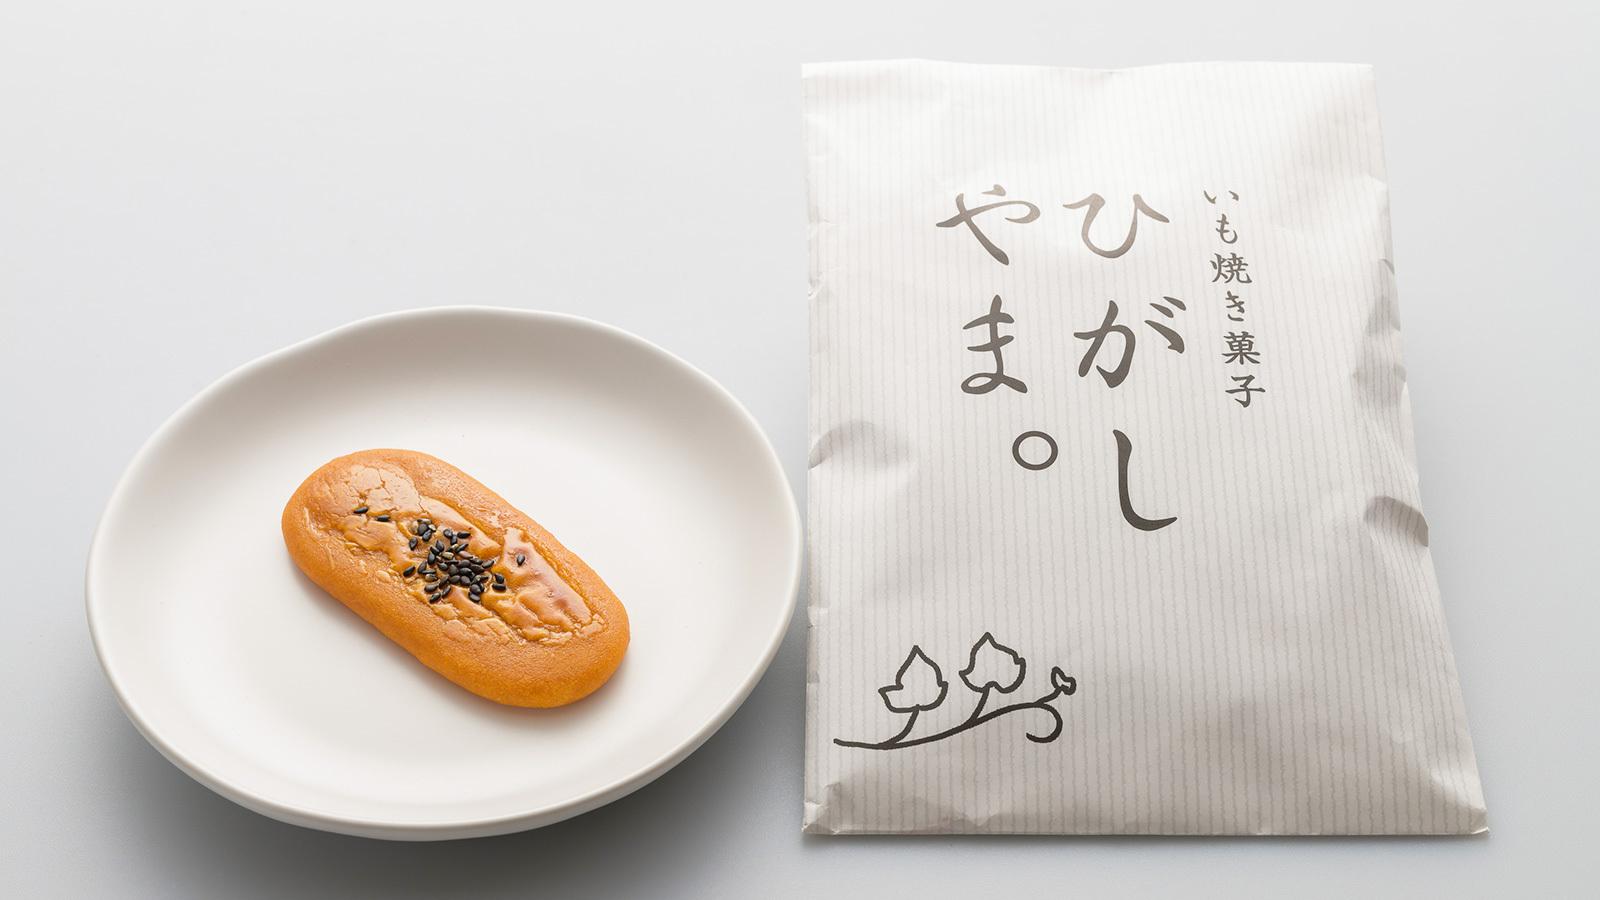 いも焼き菓子「ひがしやま。」(4枚入)